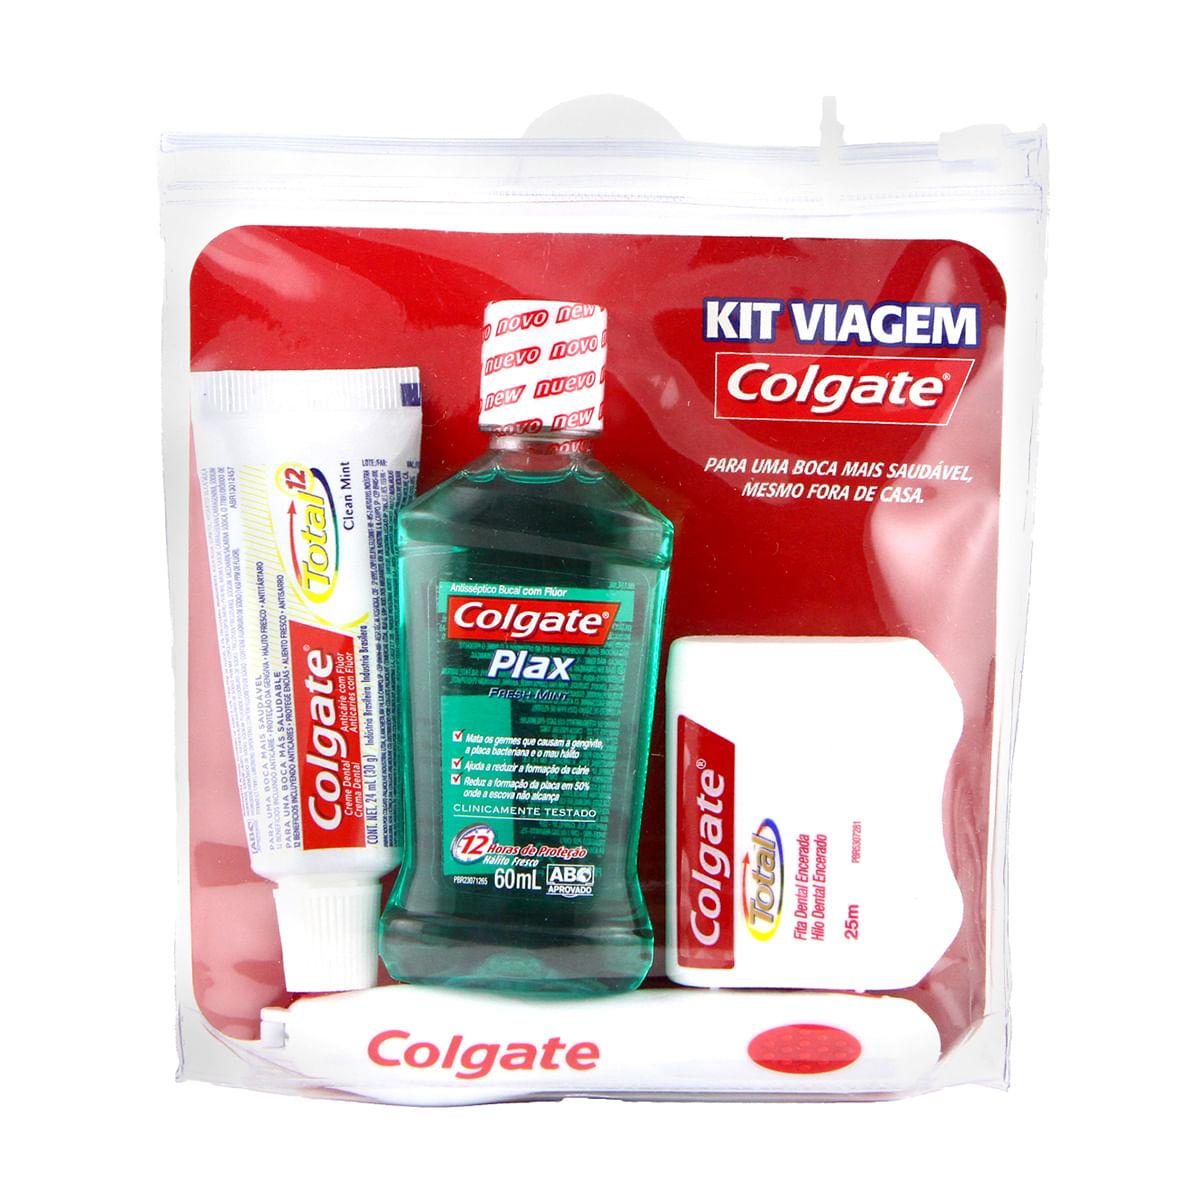 Kit Viagem Colgate Com Escova Dental Portable Fita Dental Creme